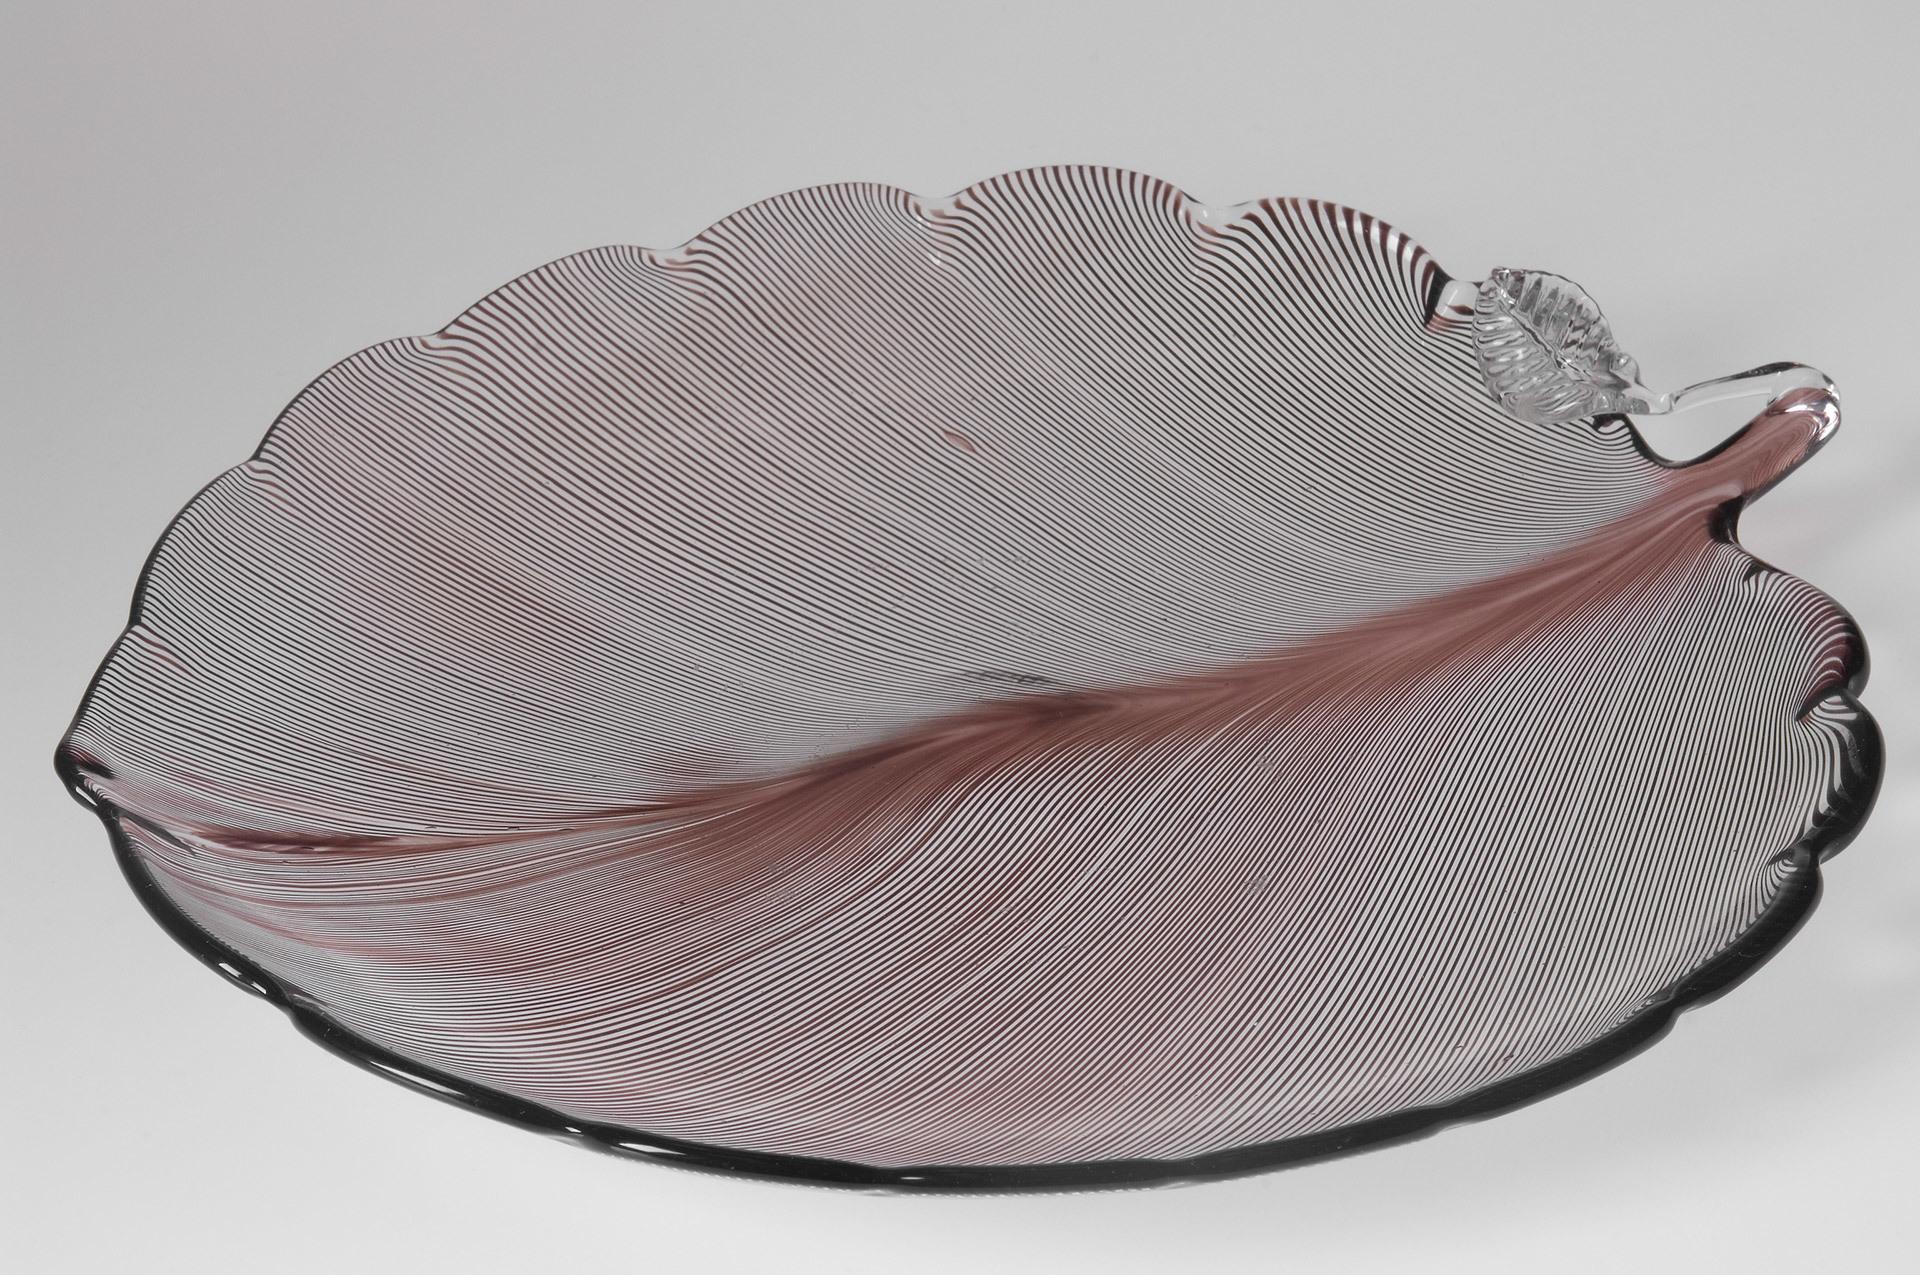 Blattförmige Schale von Tyra Lundgren für Venini | Foto via jacksons.se